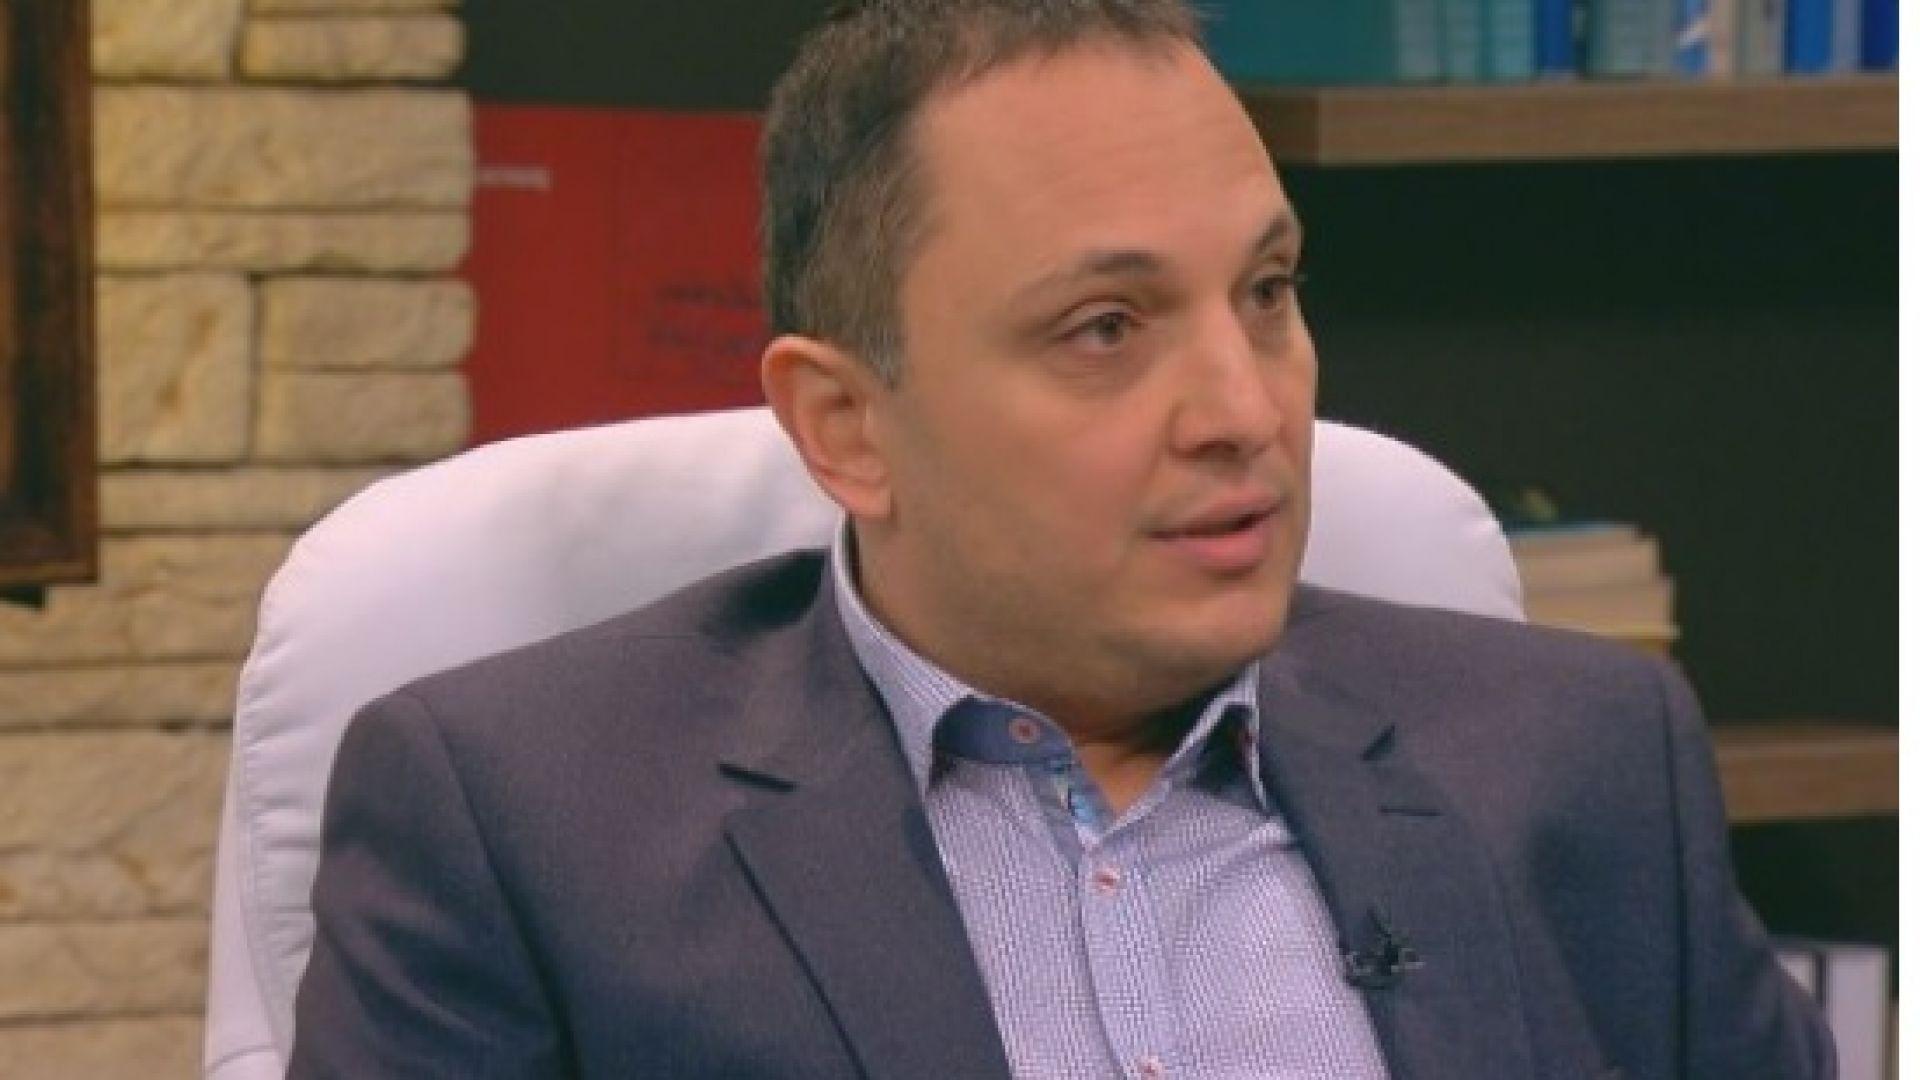 Комисар Ангел Бадънков: Пламен и Георги са имали много по-силна връзка от работата им